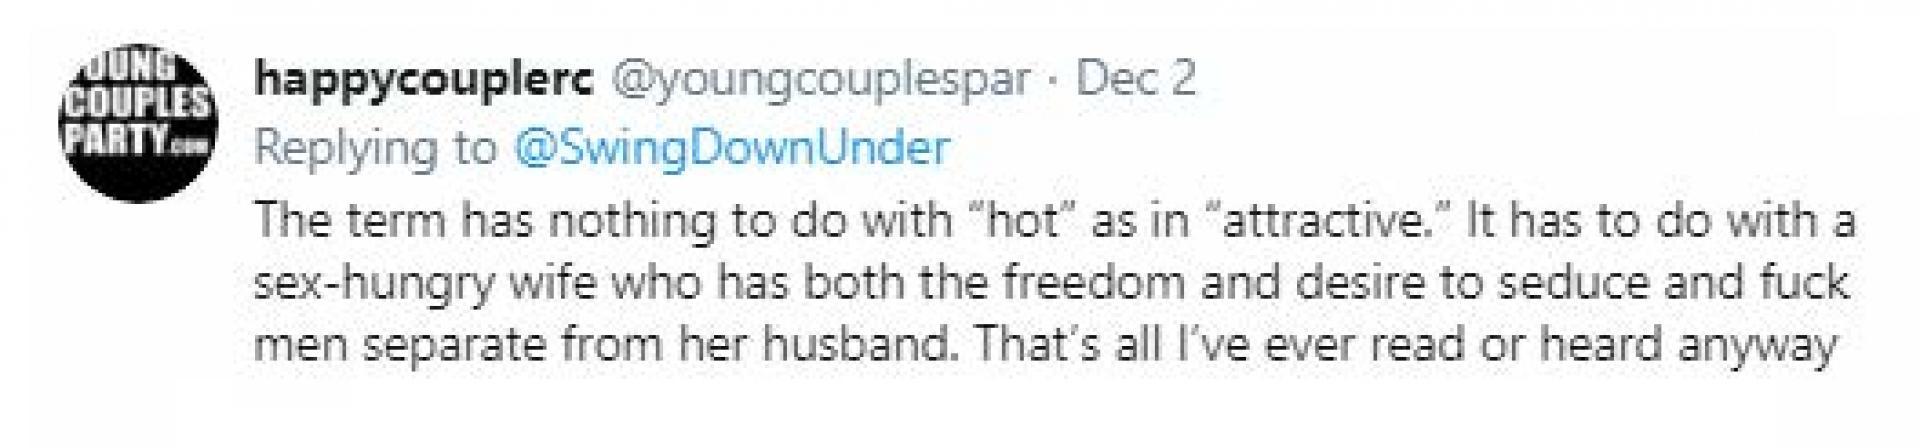 Hotwife tweet 5